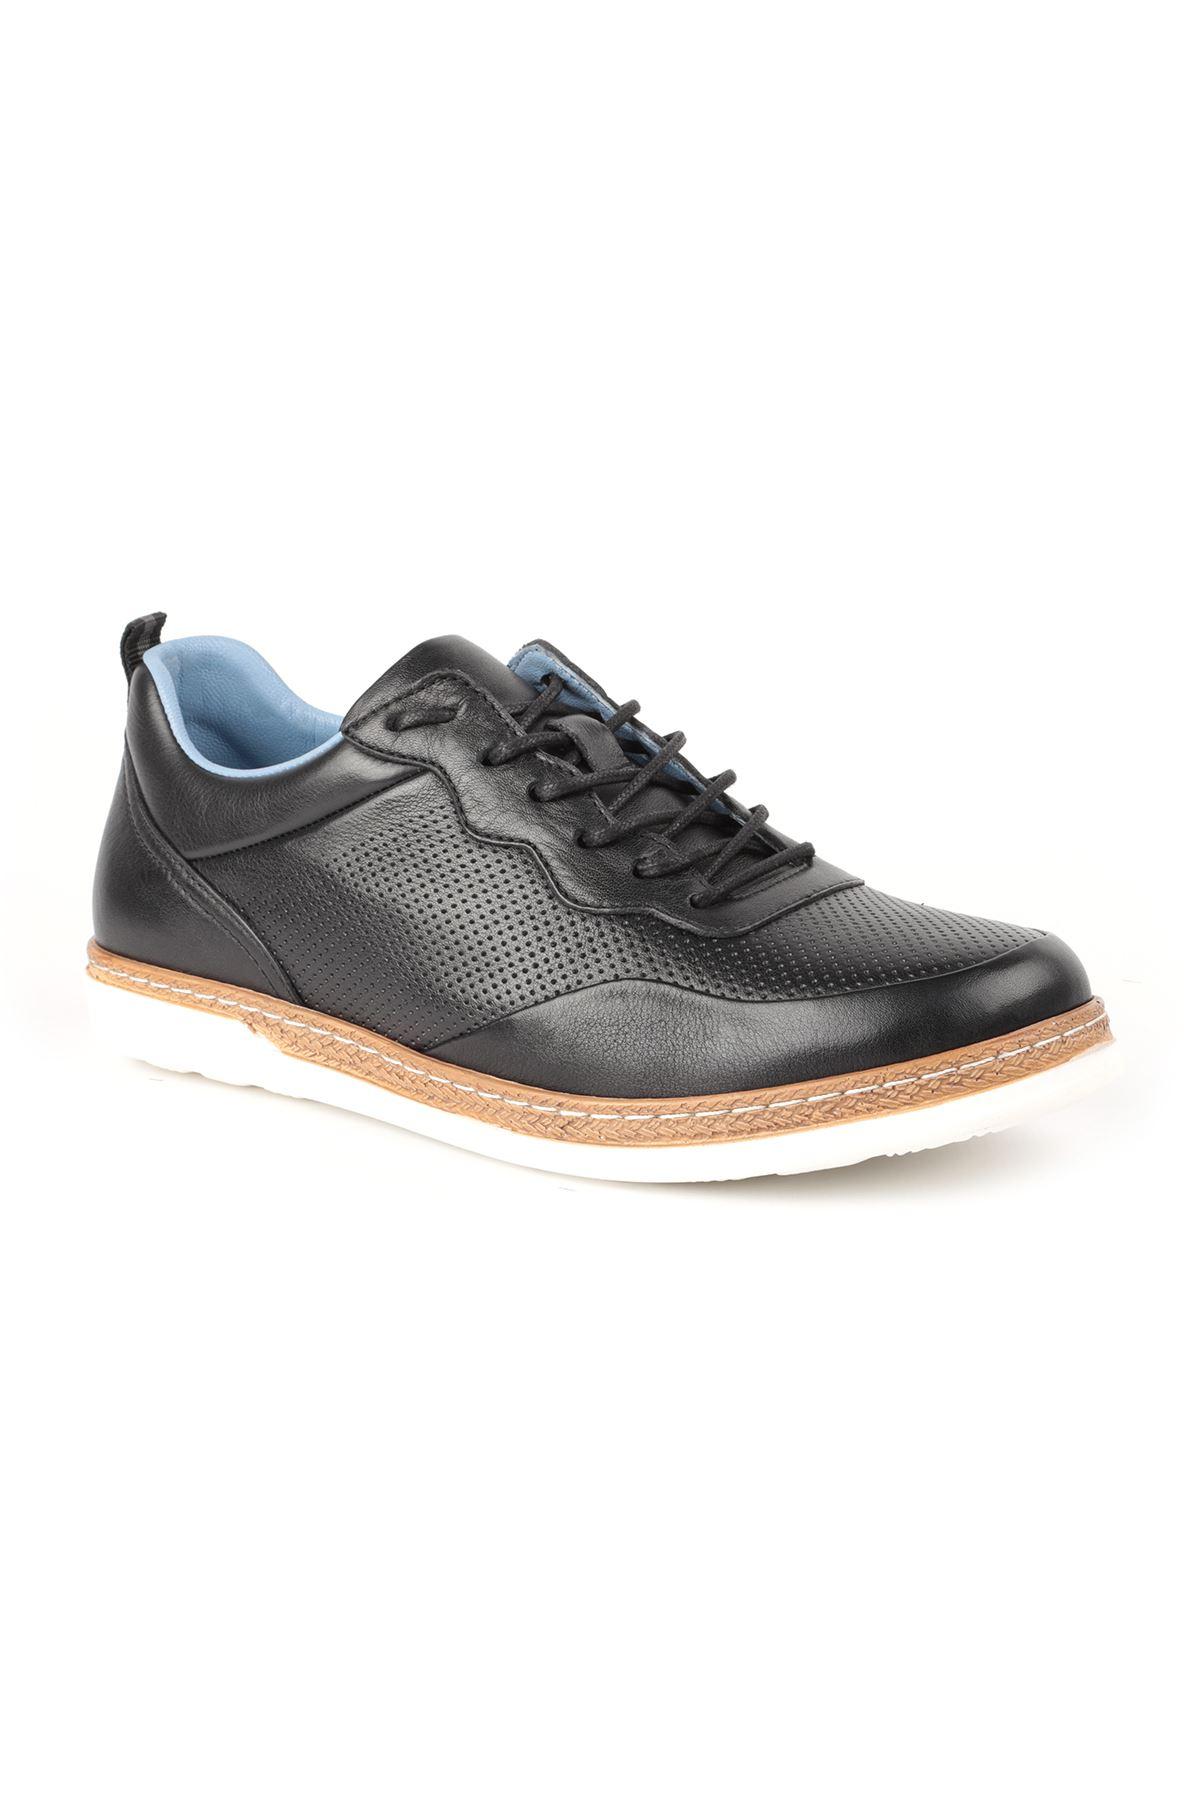 Libero L846 Black Casual Men Shoes